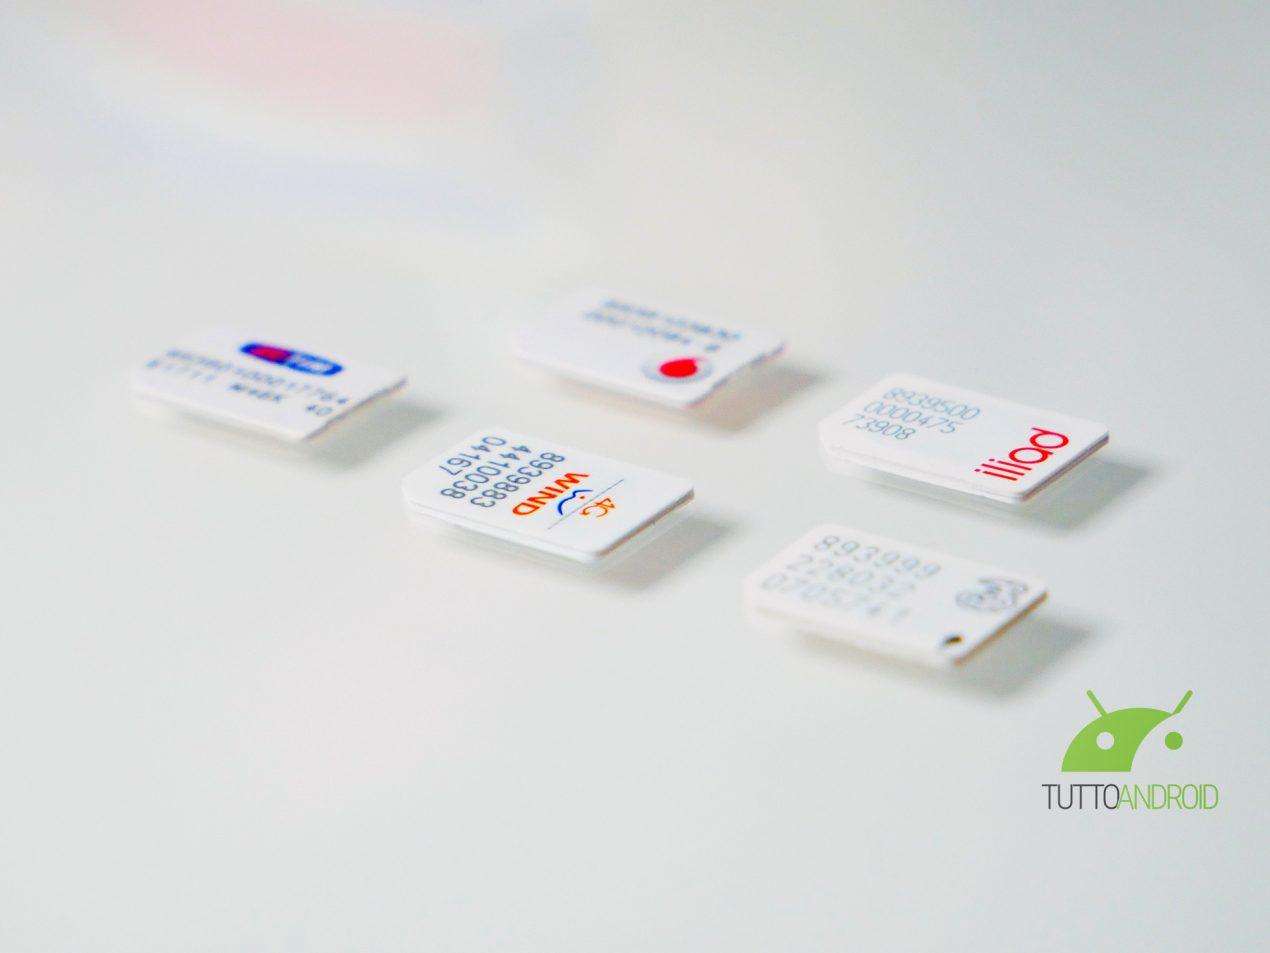 Migliori offerte telefoniche di Vodafone, TIM, Iliad e WINDT